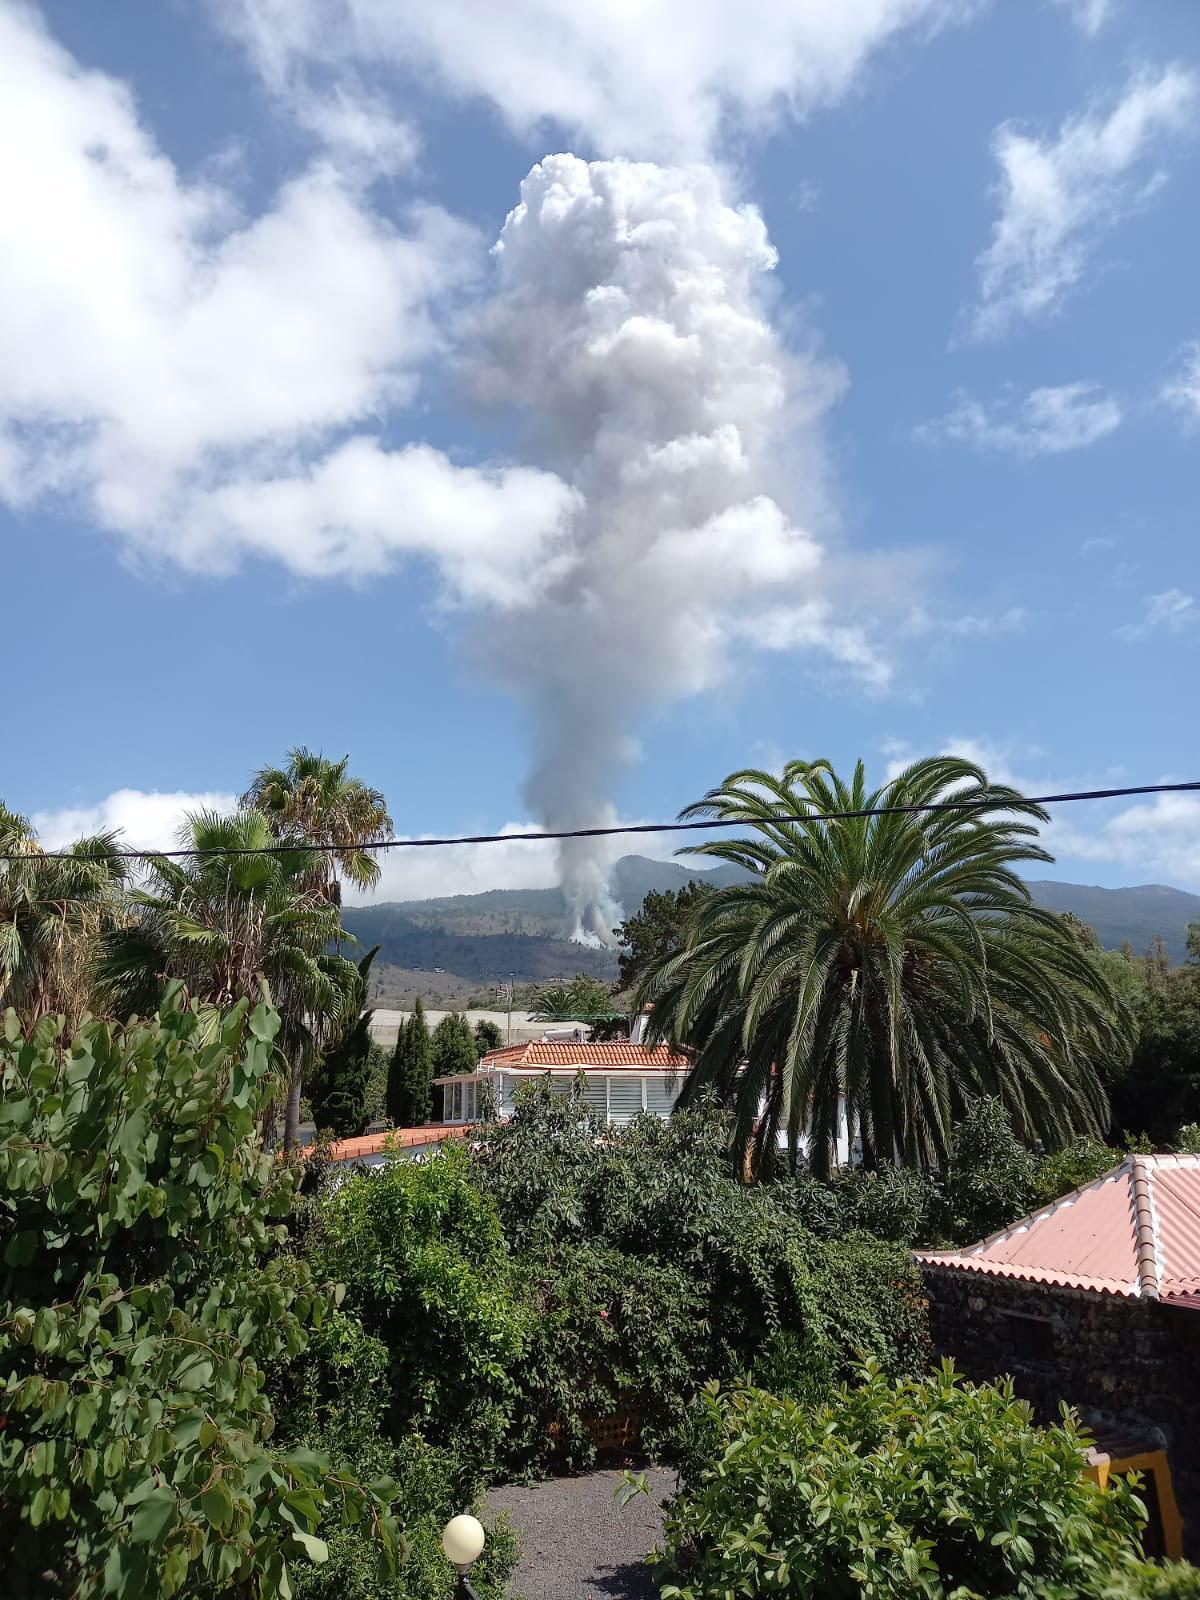 Eva-Lisas bild när vulkanutbrottet startade.